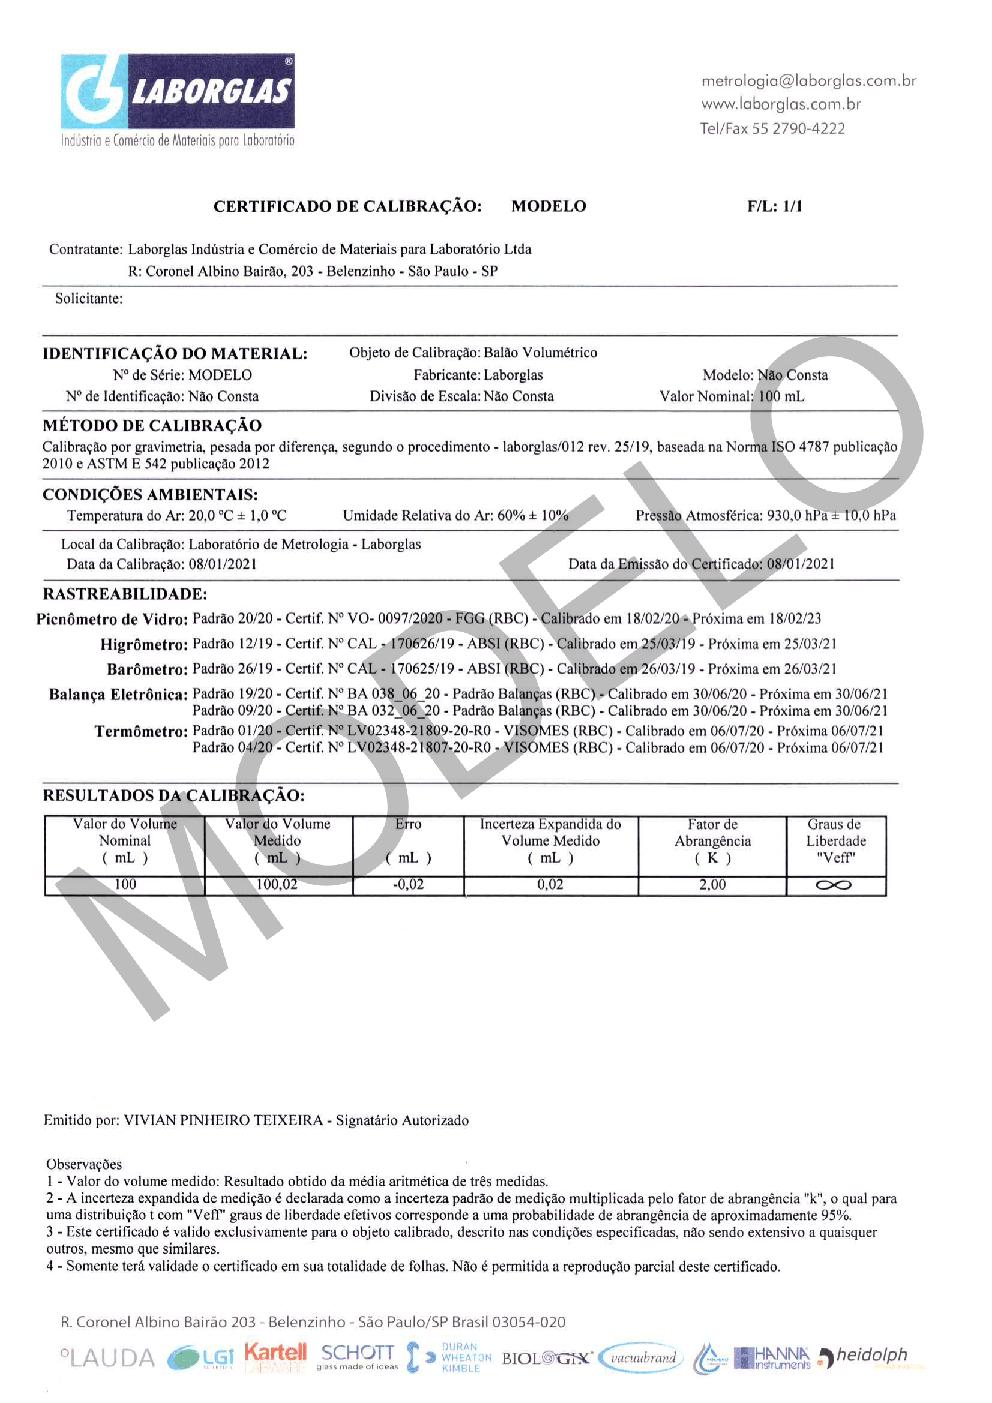 BALÃO VOLUMÉTRICO CLASSE A ROLHA POLI C/ CERTIFICADO RASTREÁVEL 4000 ML - Marca Laborglas - Cód. 9167871-C